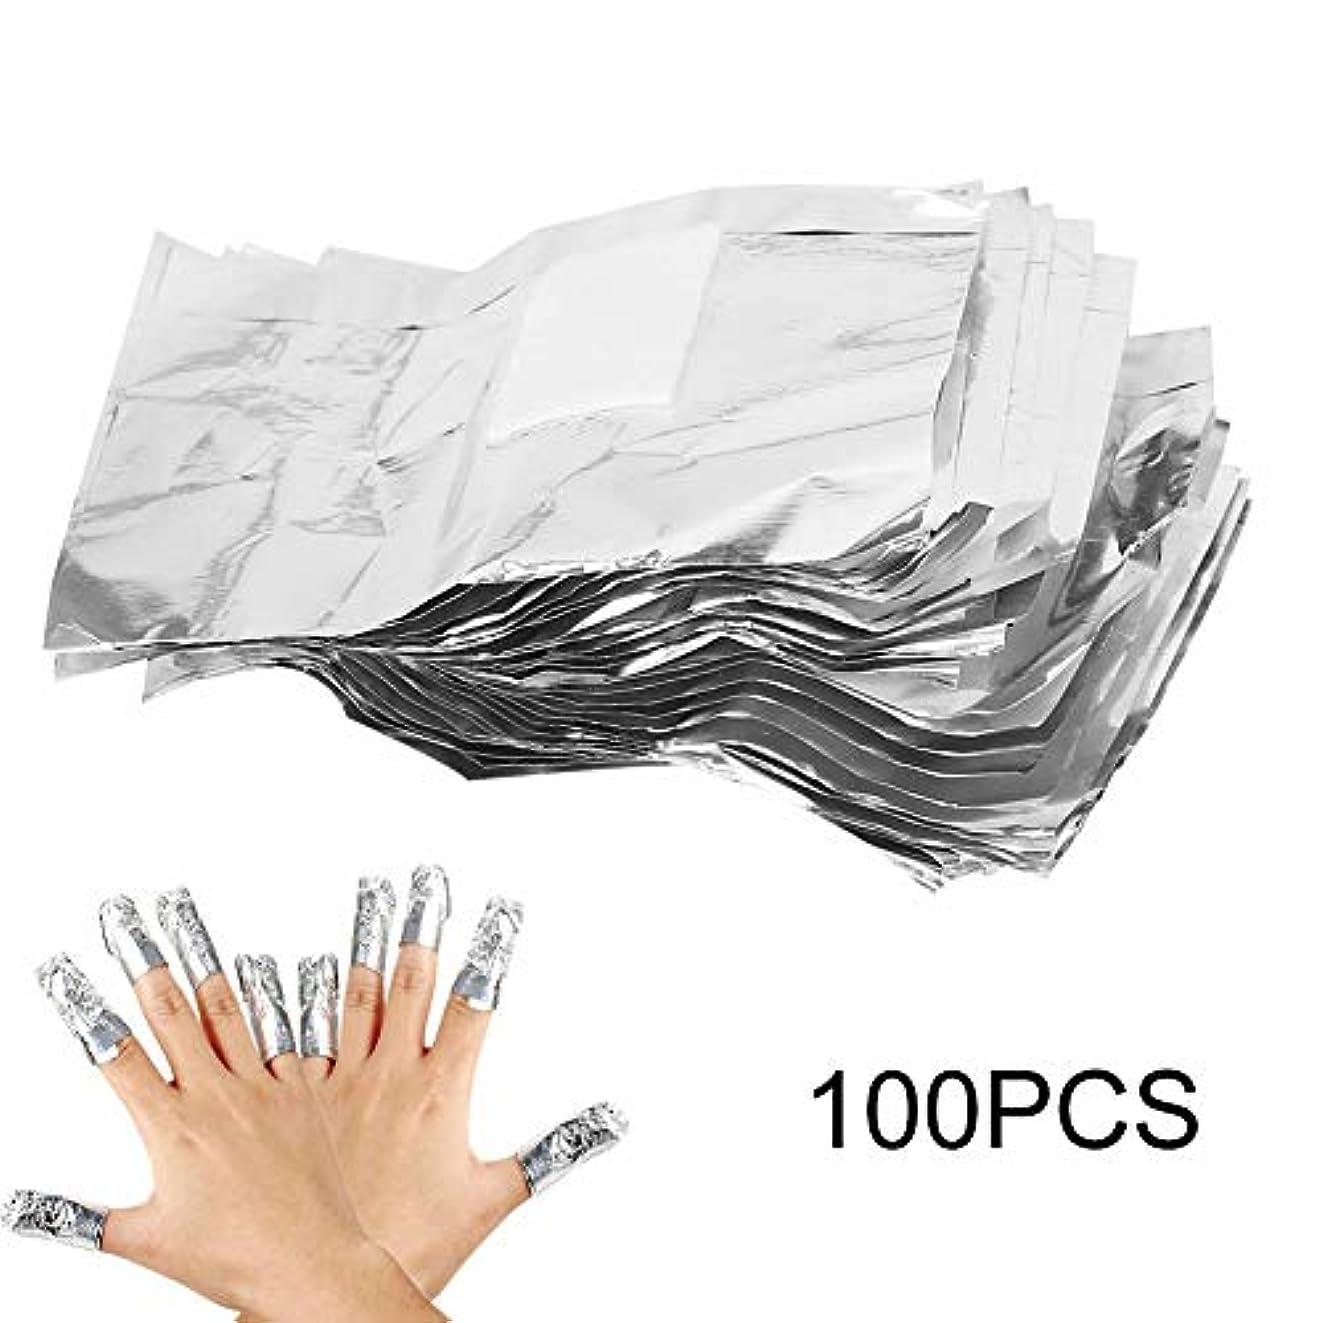 ドリルうがいばかげているネイルポリッシュリムーバークリップ マニキュアの除去剤 錫ホイル 100Pcs オレンジ 色棒付き紫外線ゲルの除去剤の綿パッドを包みます